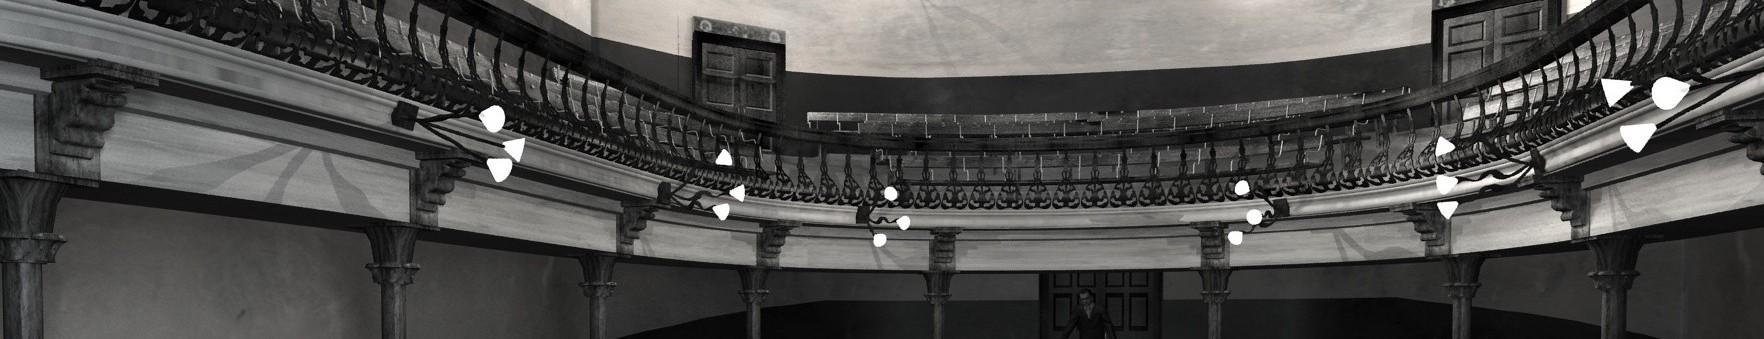 Abbey_Theatre_1904